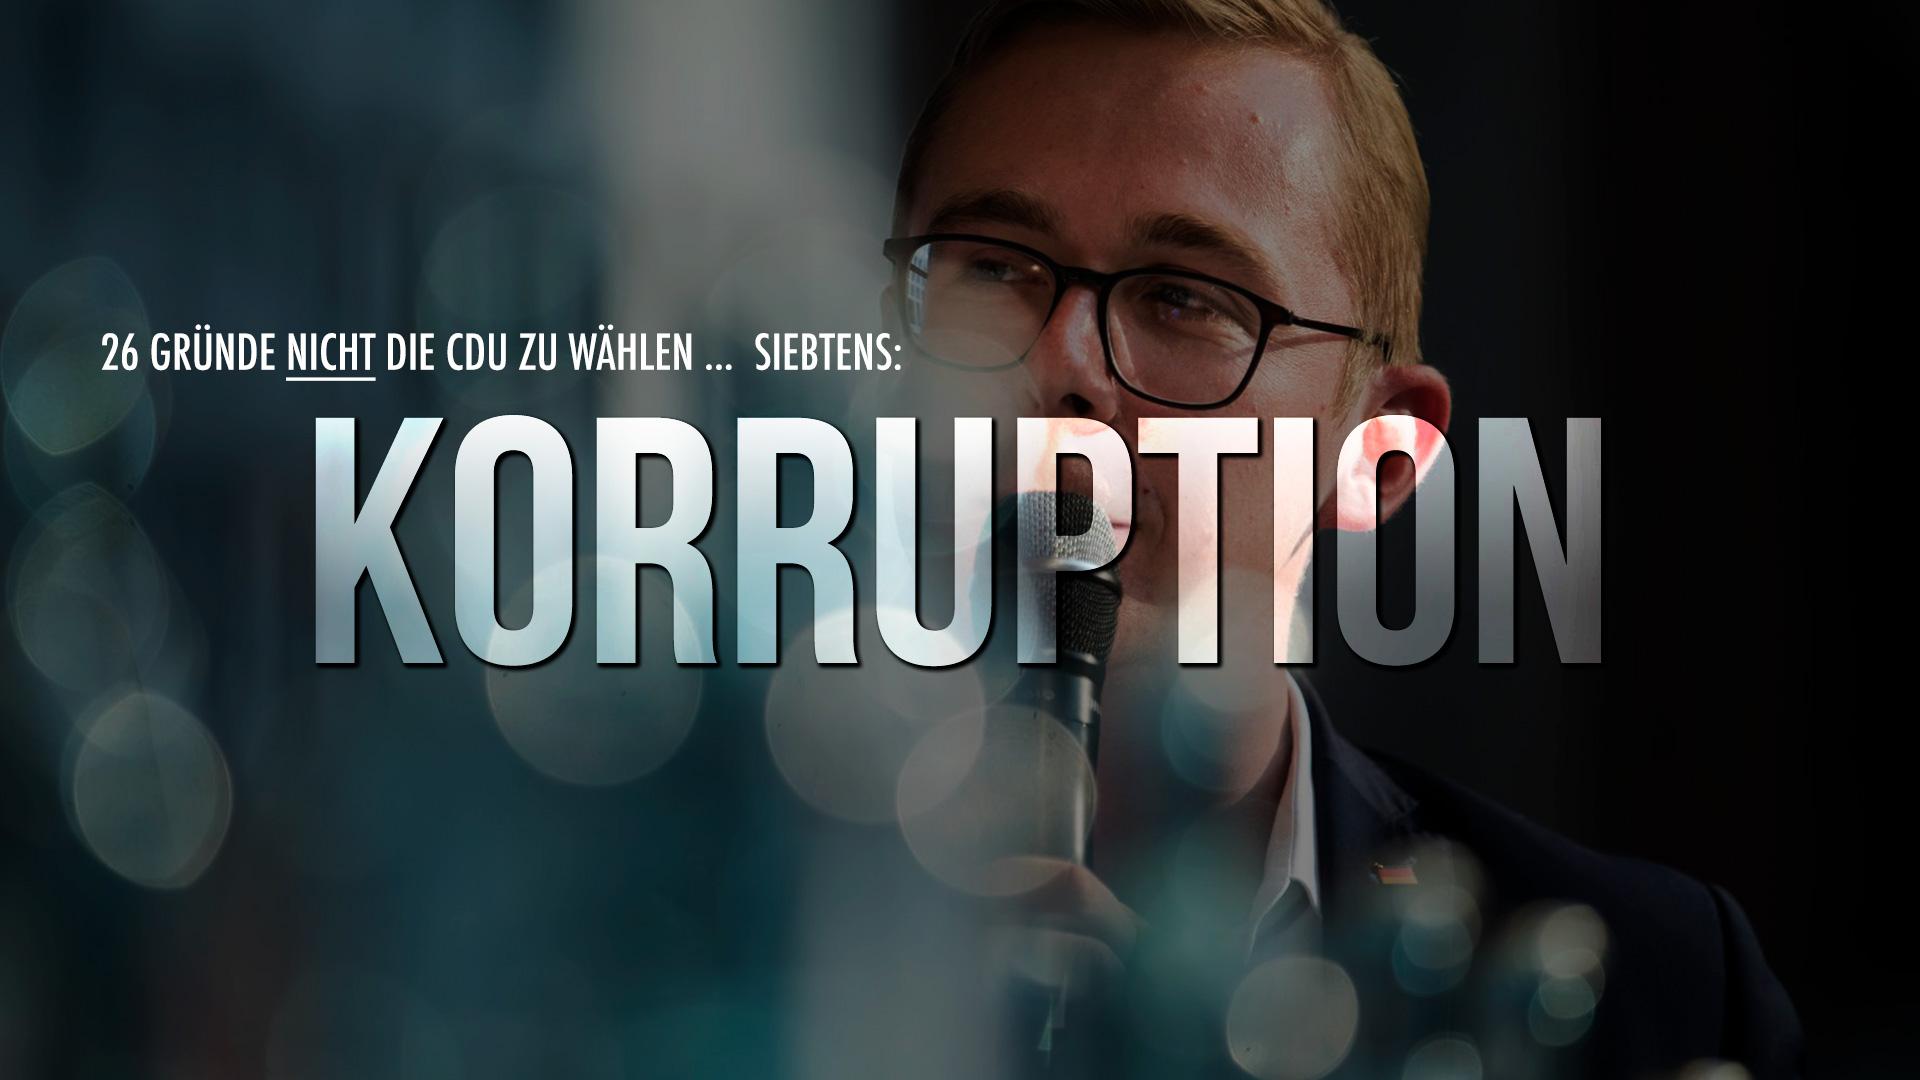 26 Gründe nicht die CDU zu wählen … Siebtens: Korruption